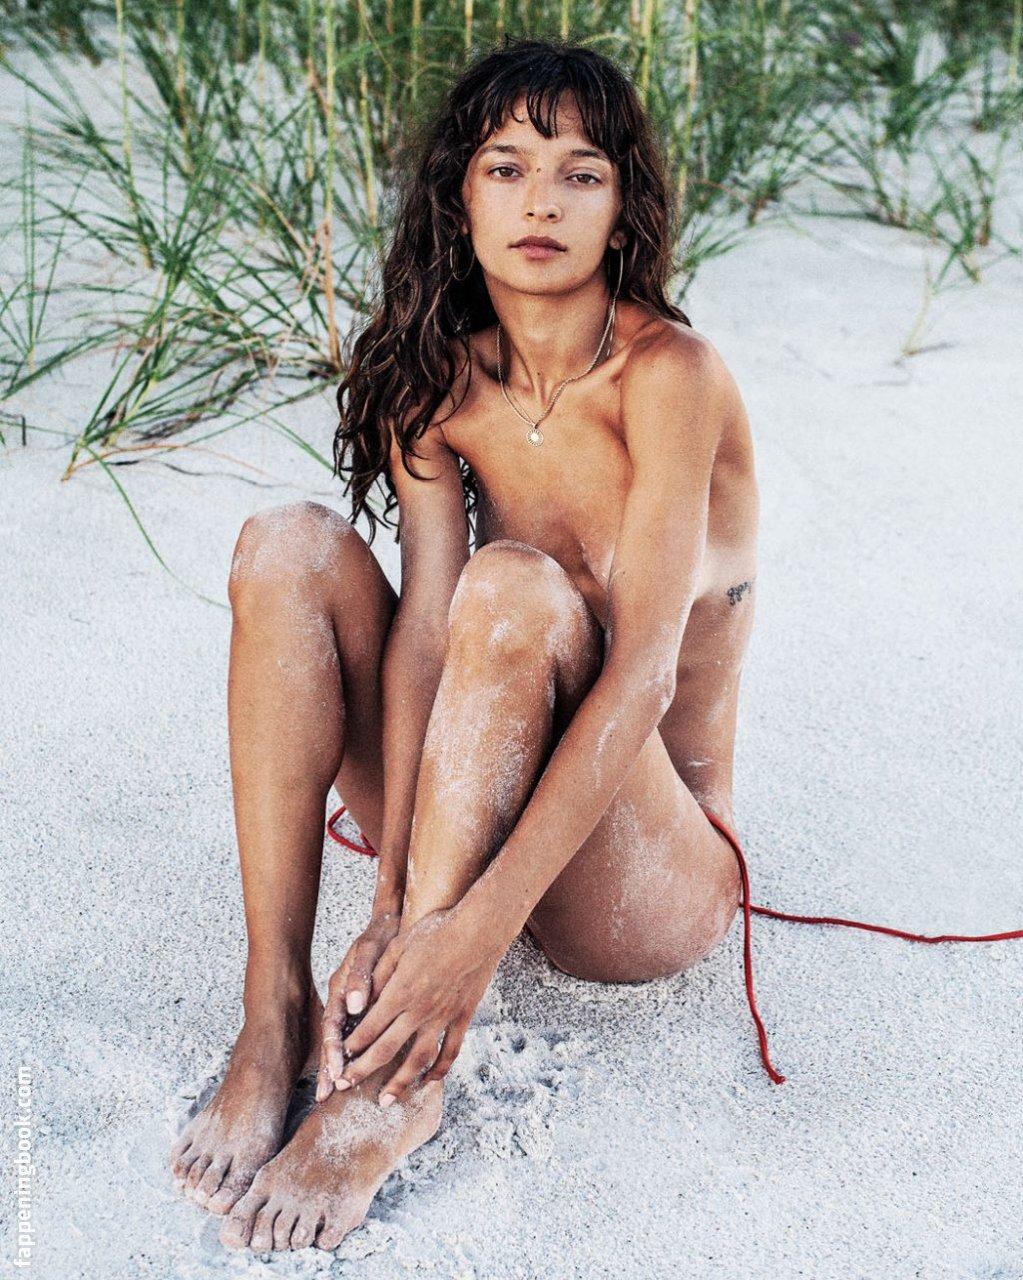 Erica Candice